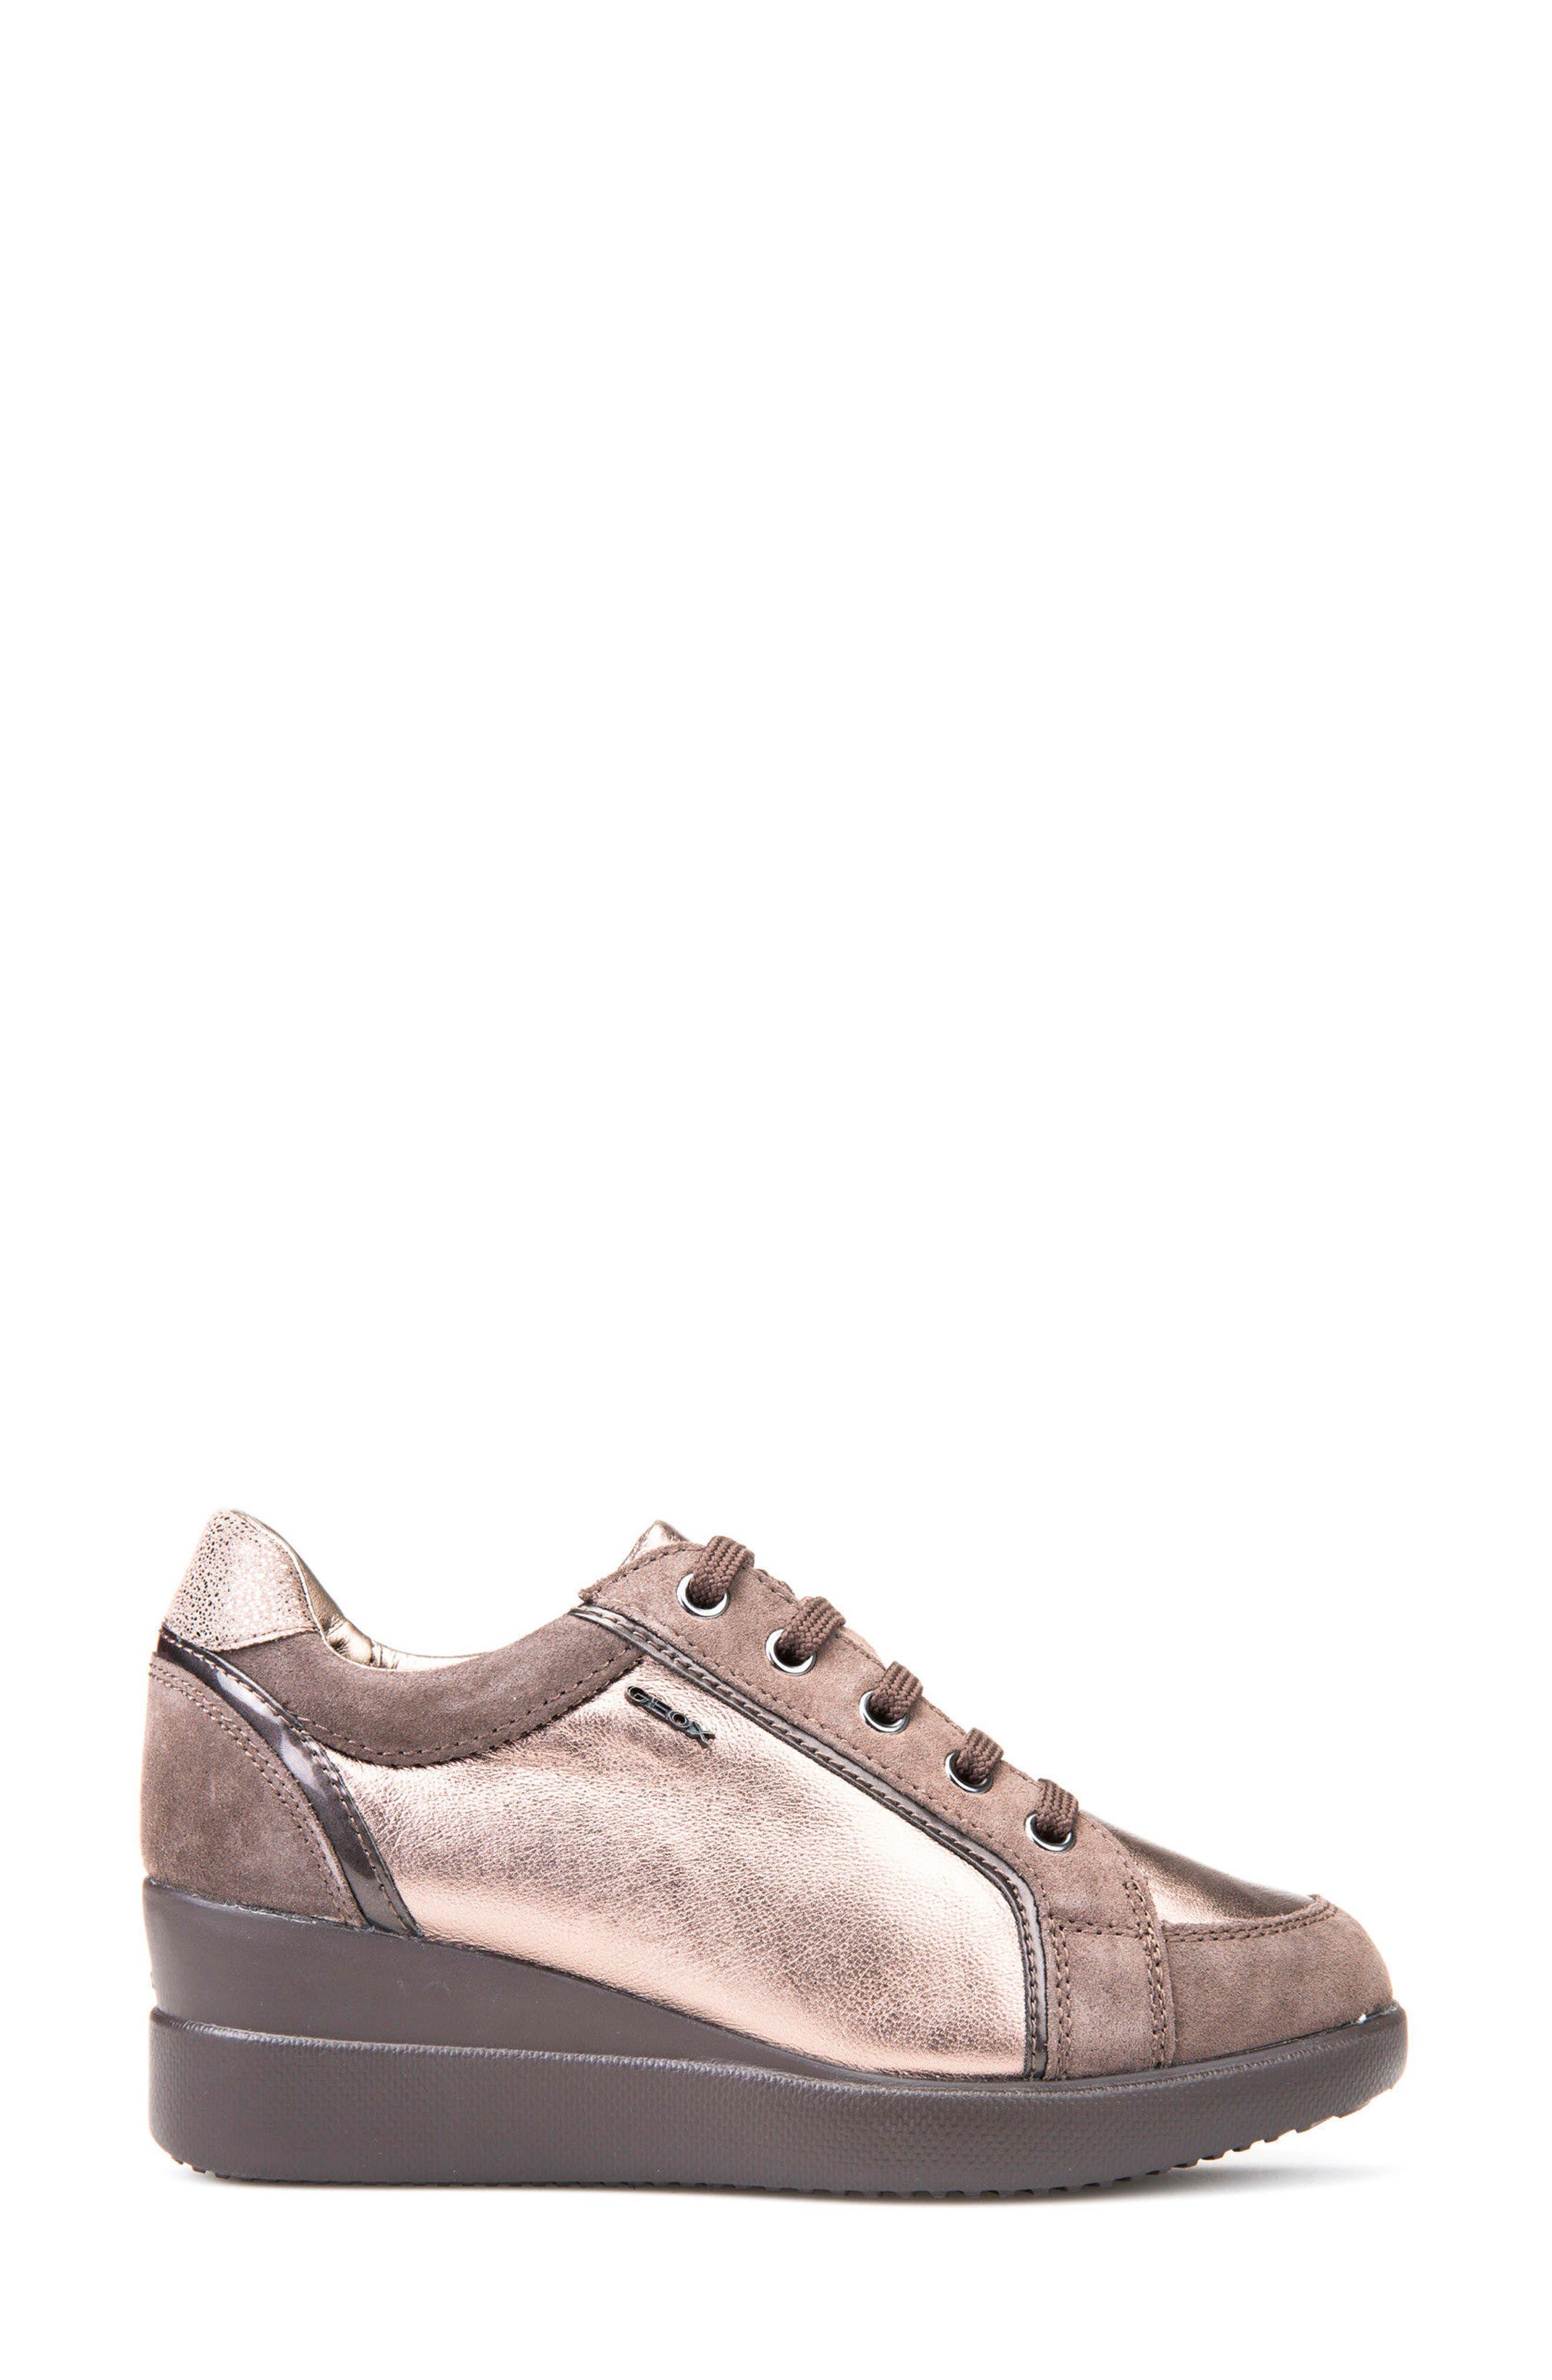 Alternate Image 3  - Geox Stardust Wedge Sneaker (Women)